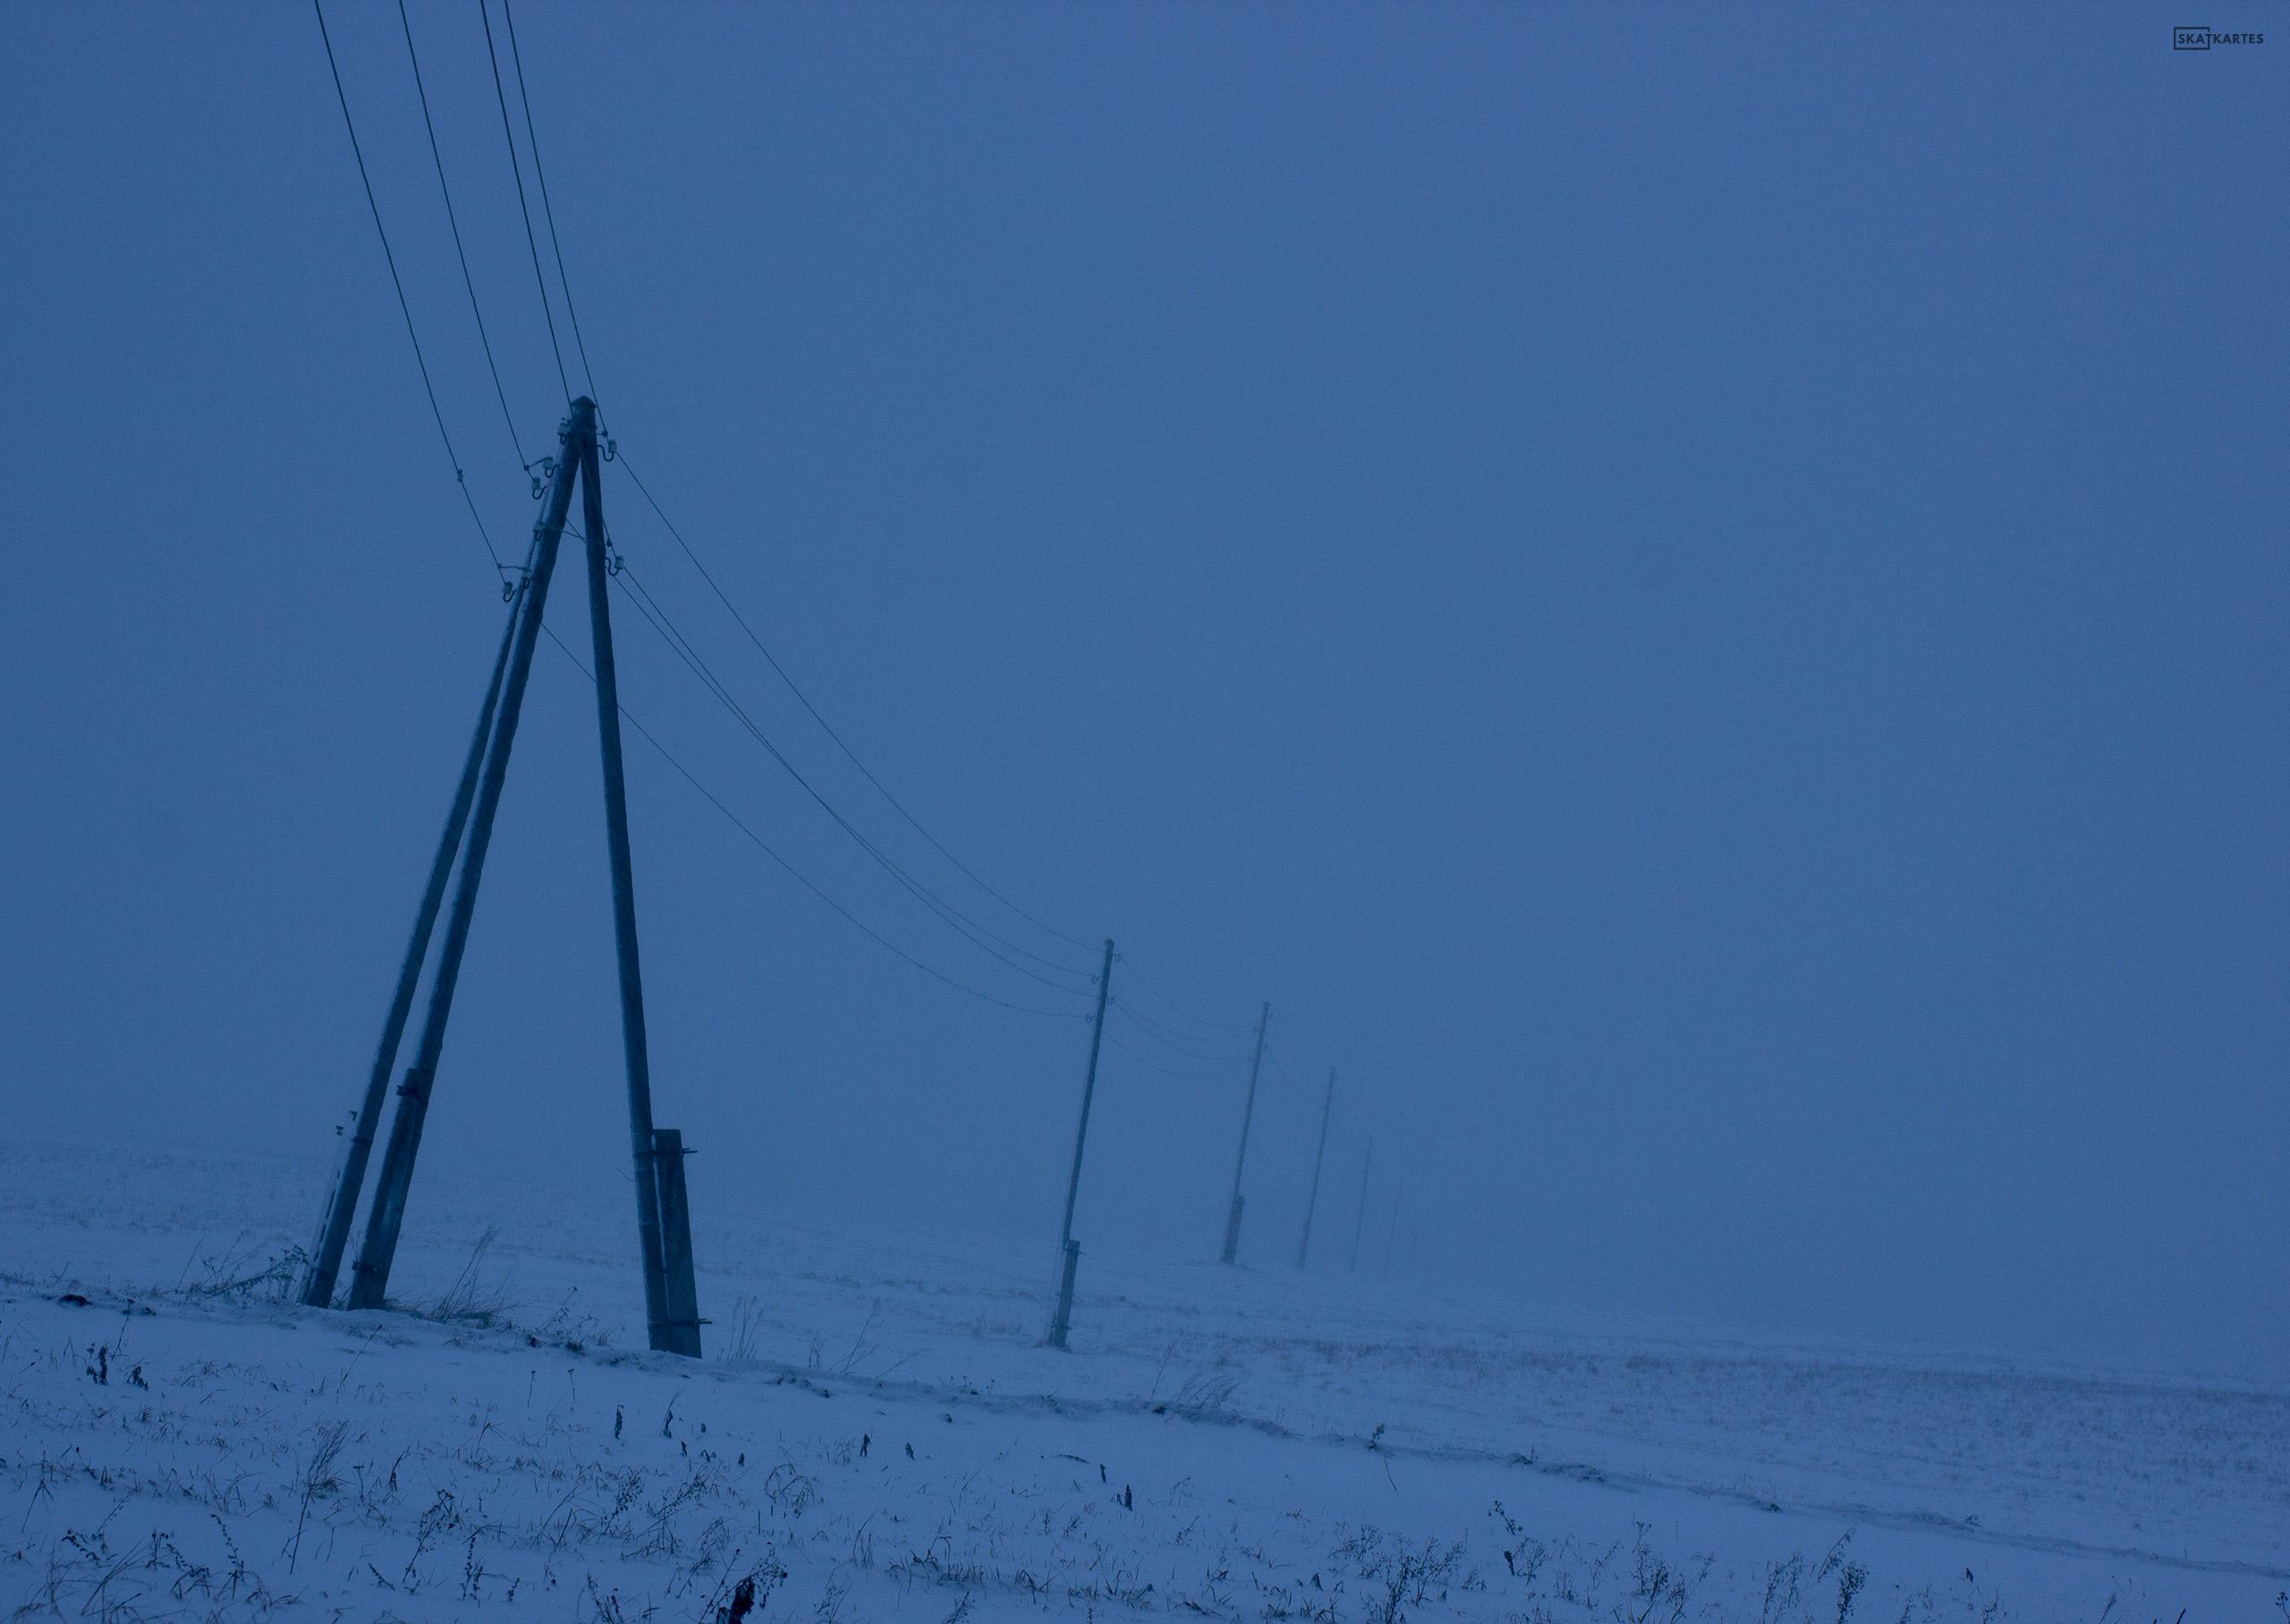 Skatkarte Nr. 1135 - Lindez muižas vārti ziemā (2015. gada februāris).